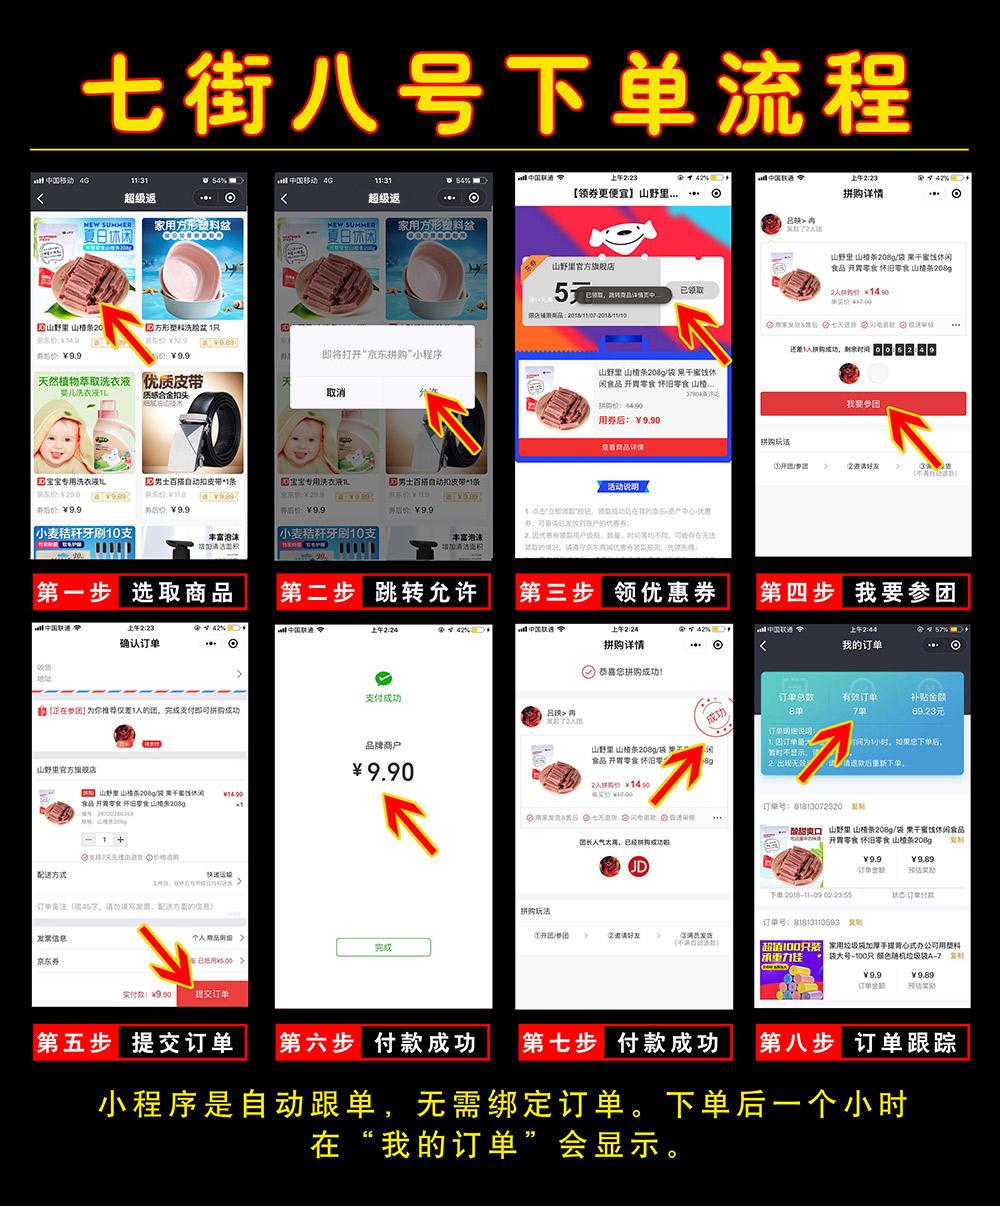 七街八街小程序超级返1分购6单最少价值60元京东商品 免费实物 活动线报  第5张